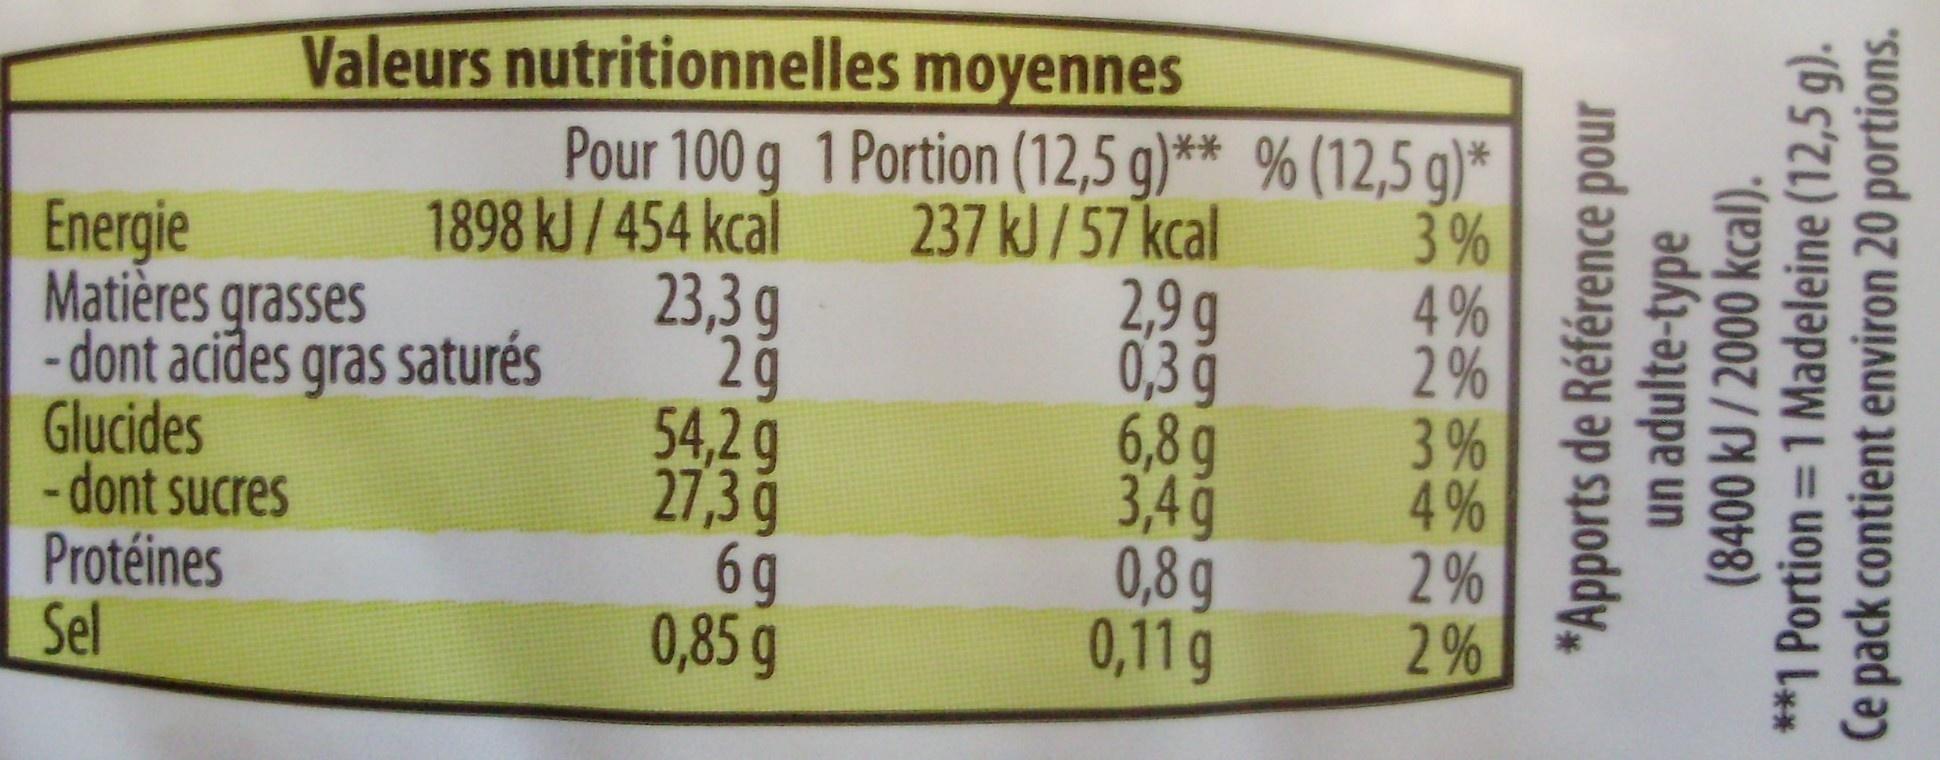 Madeleines longues aux œufs - Informations nutritionnelles - fr